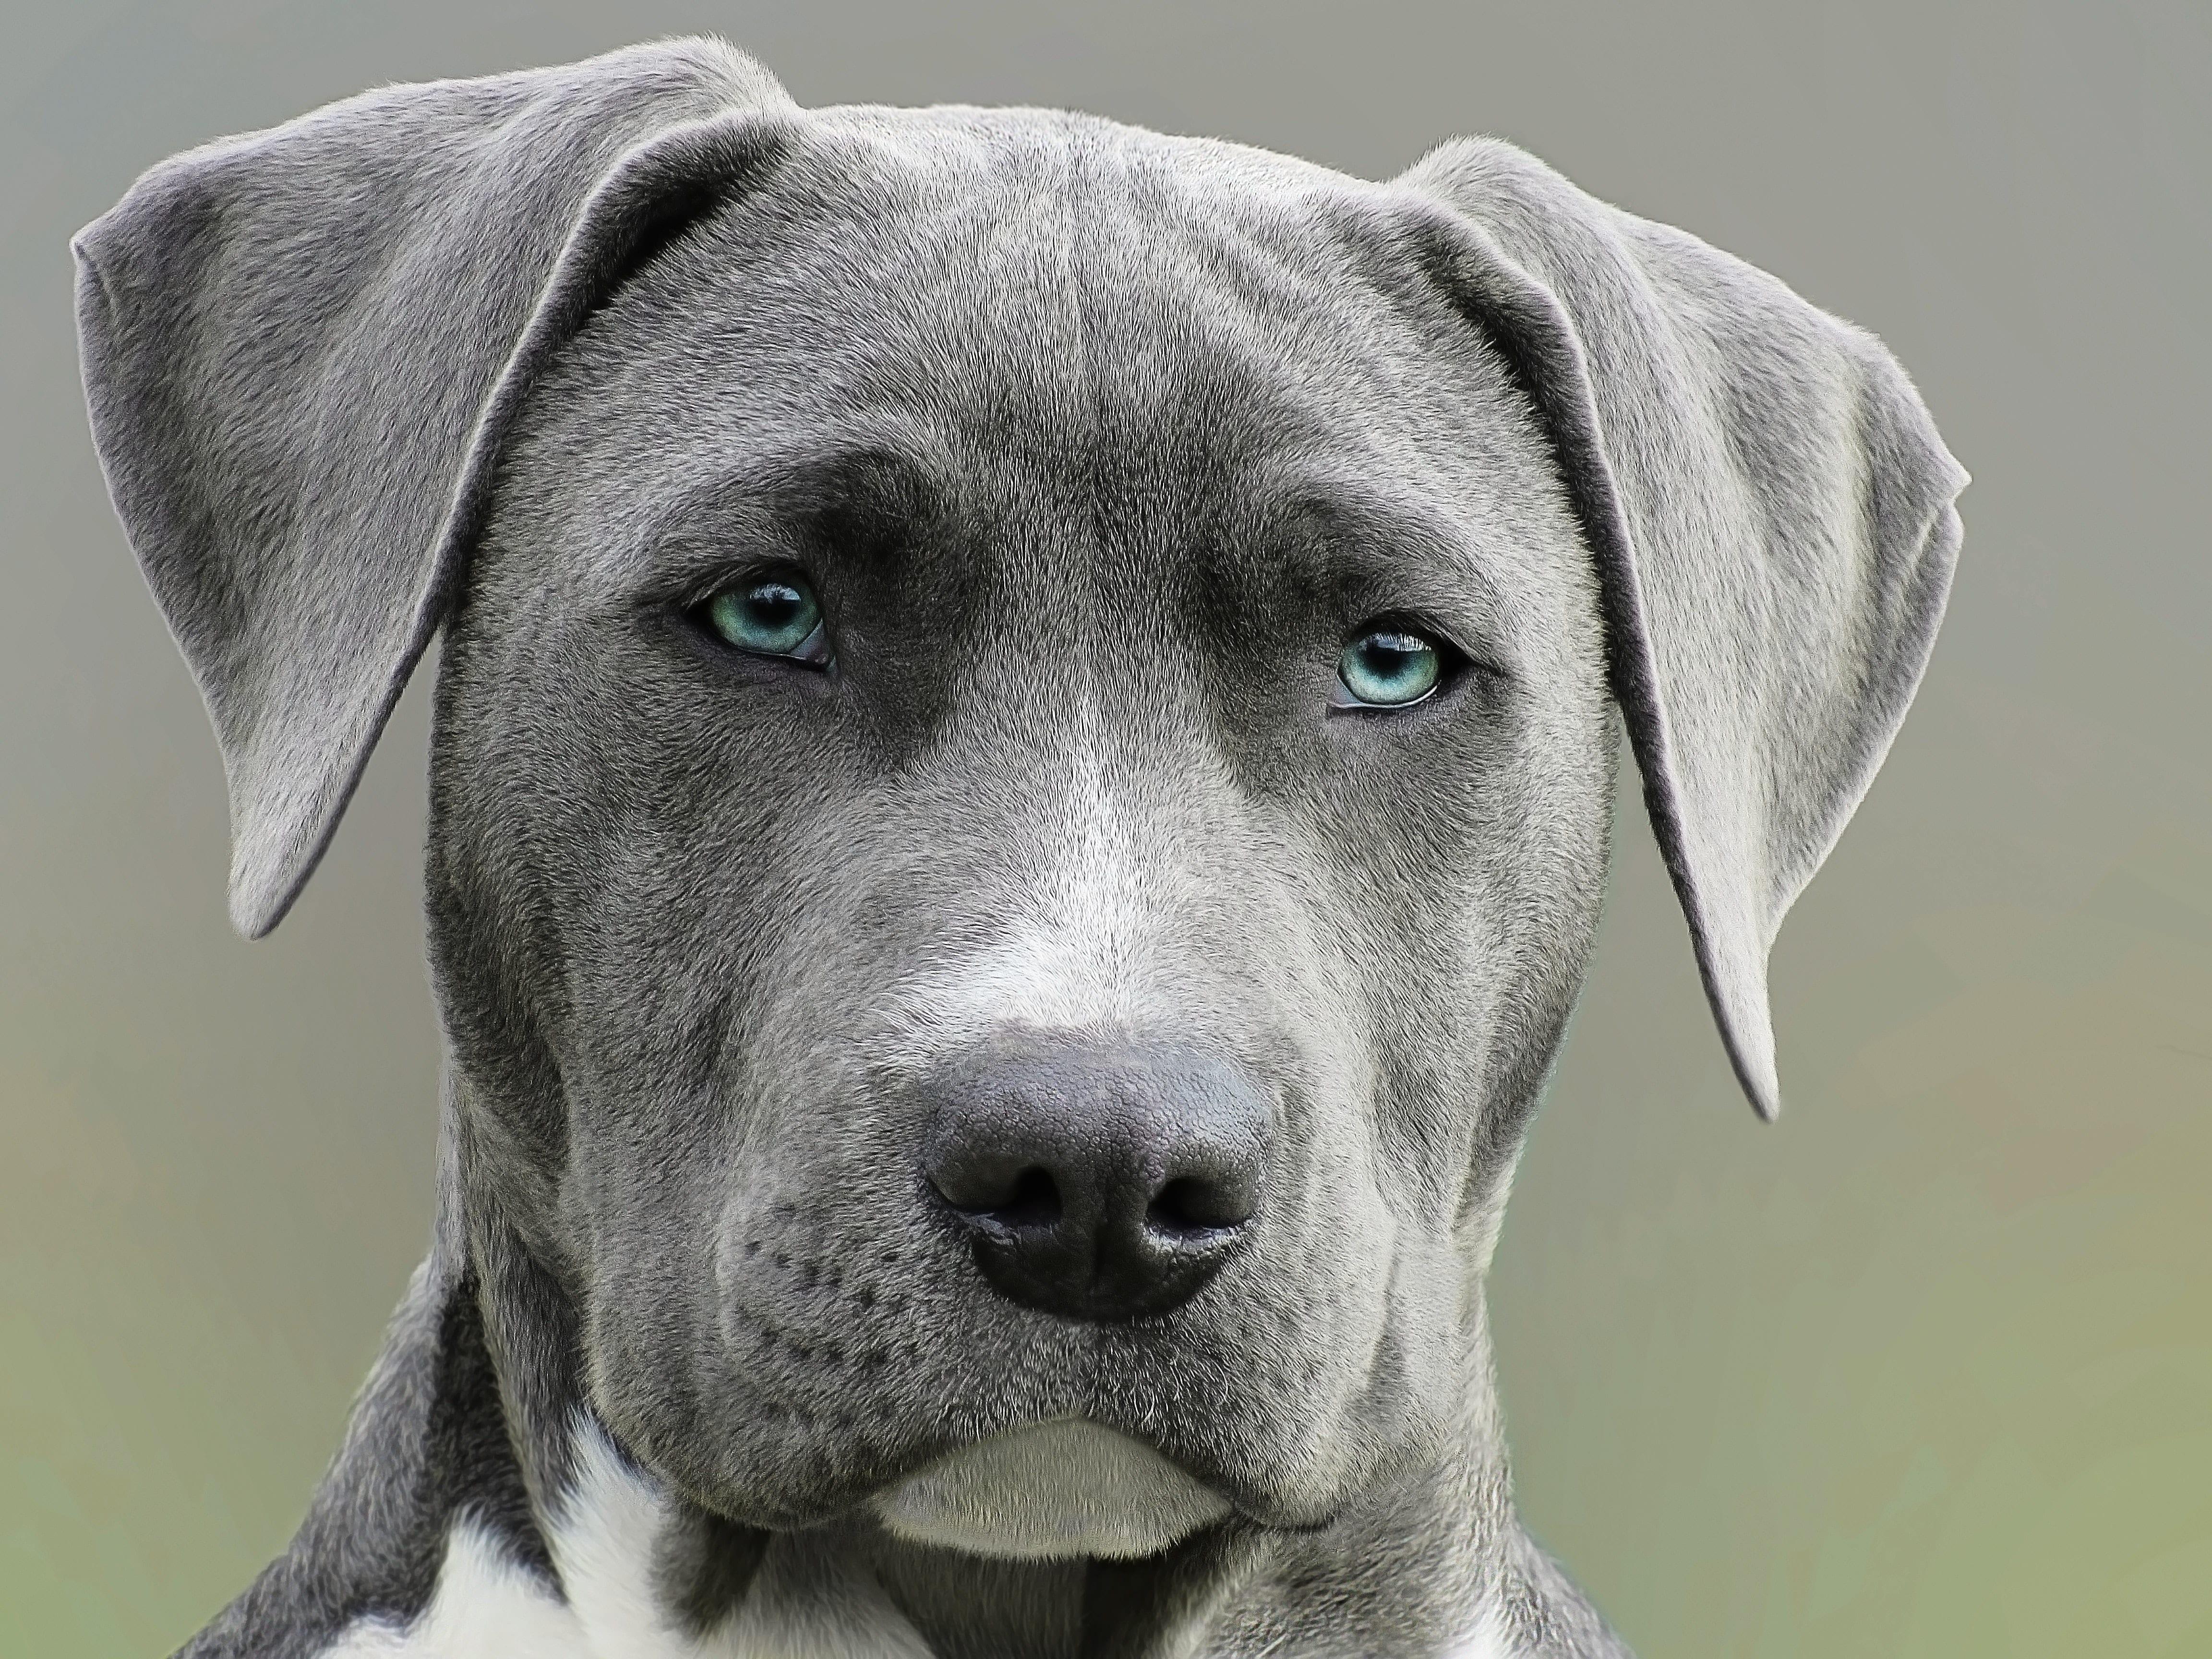 Guard dog; image by Alexandru Rotariu, via Pexels.com.